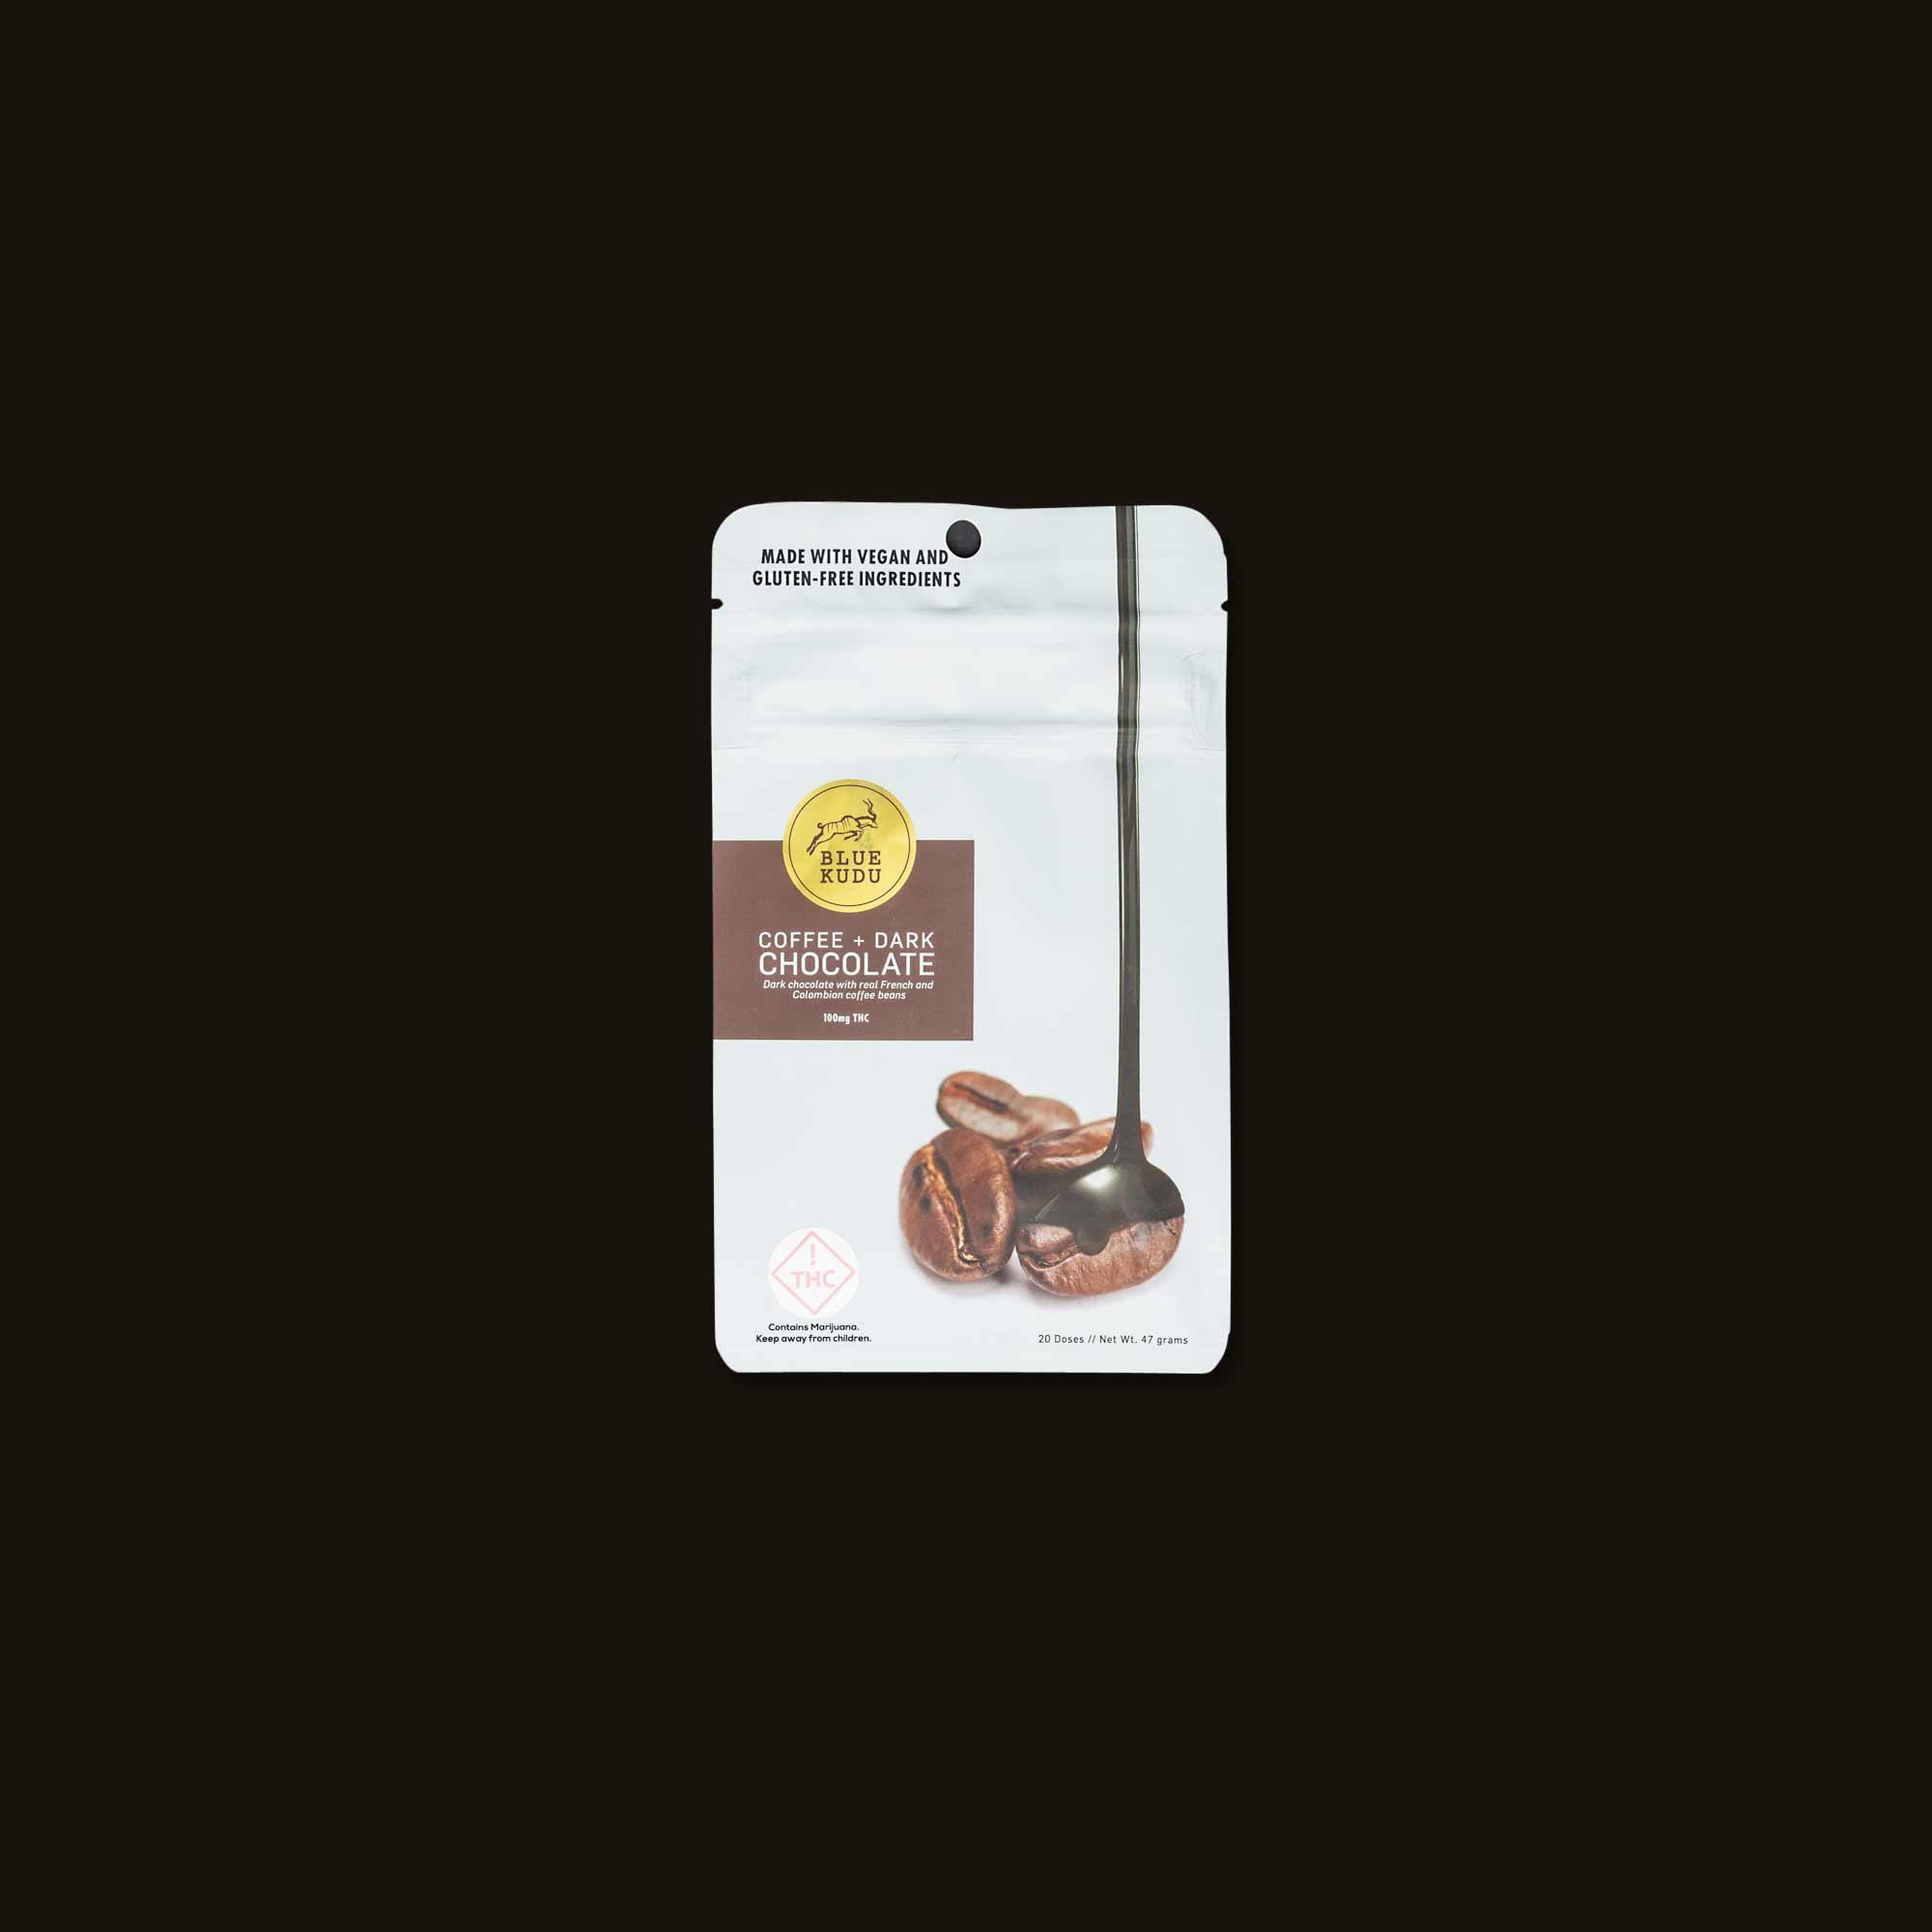 BlueKudu Coffee + Dark Chocolate